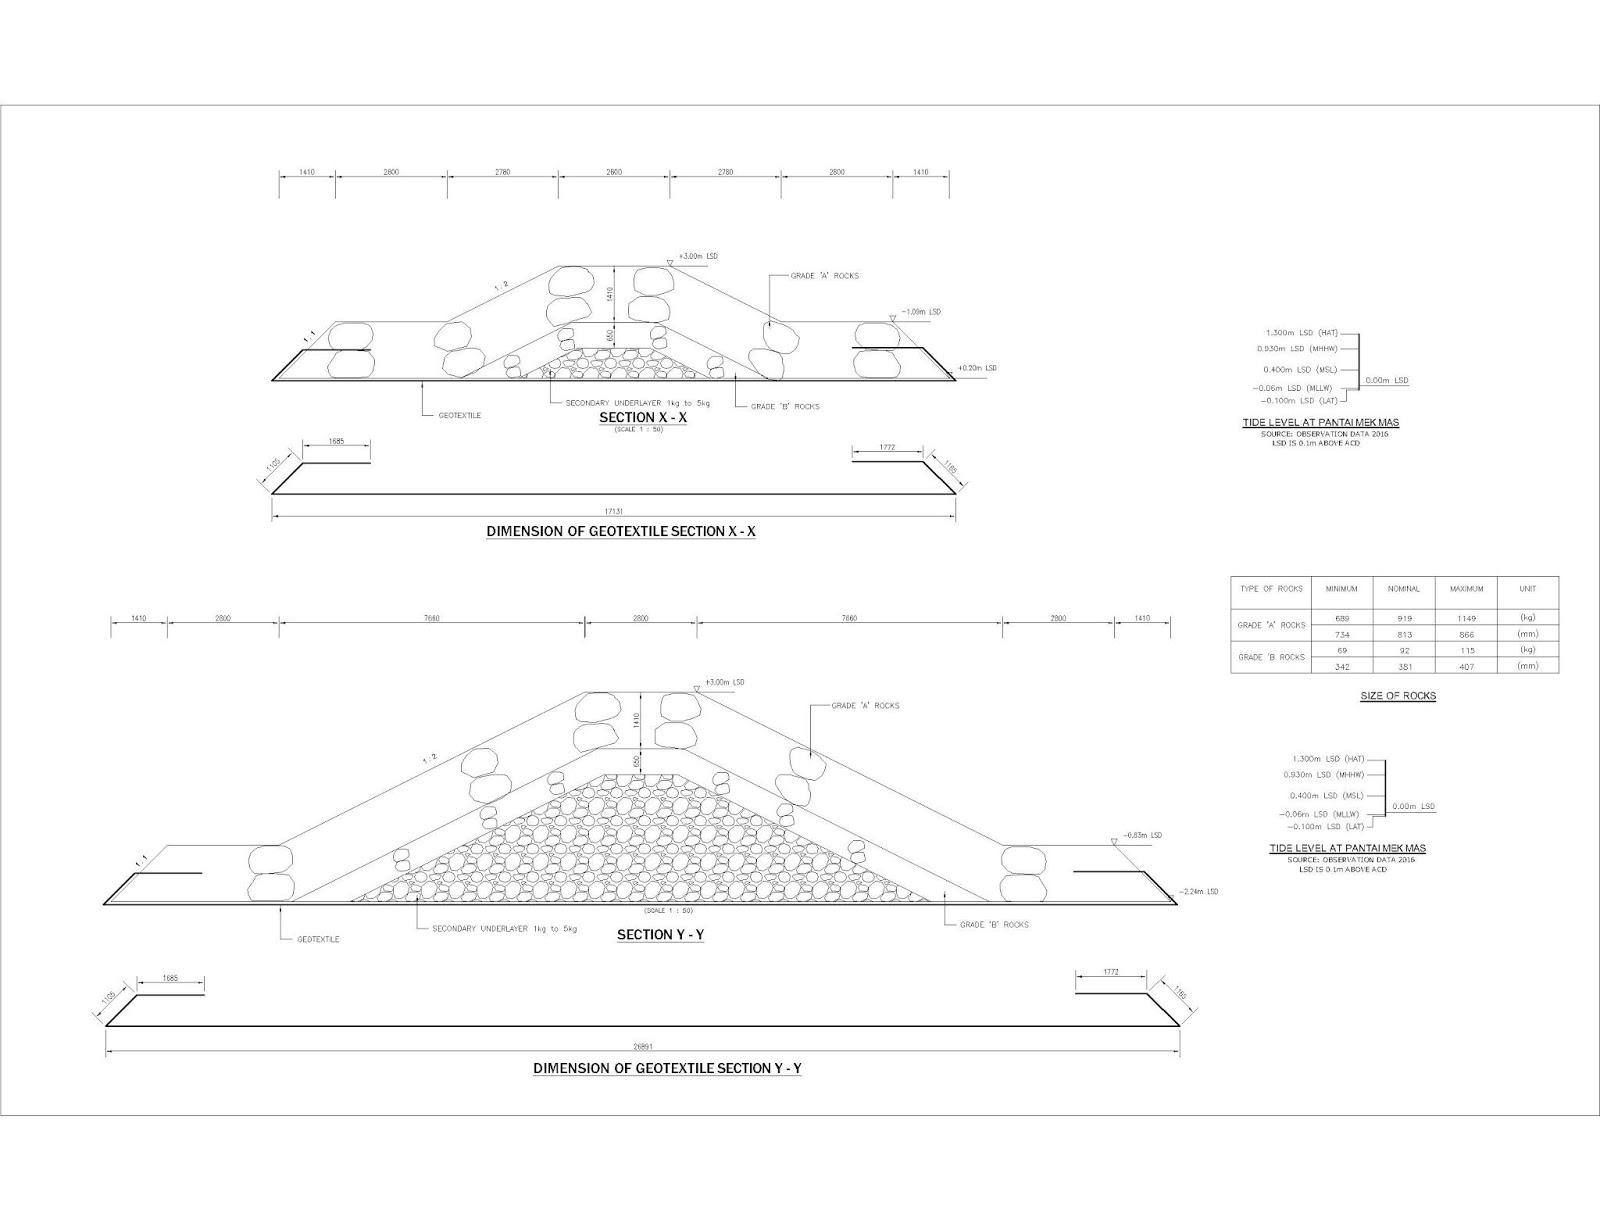 KHIDMAT MELUKIS PLAN: My Project 64